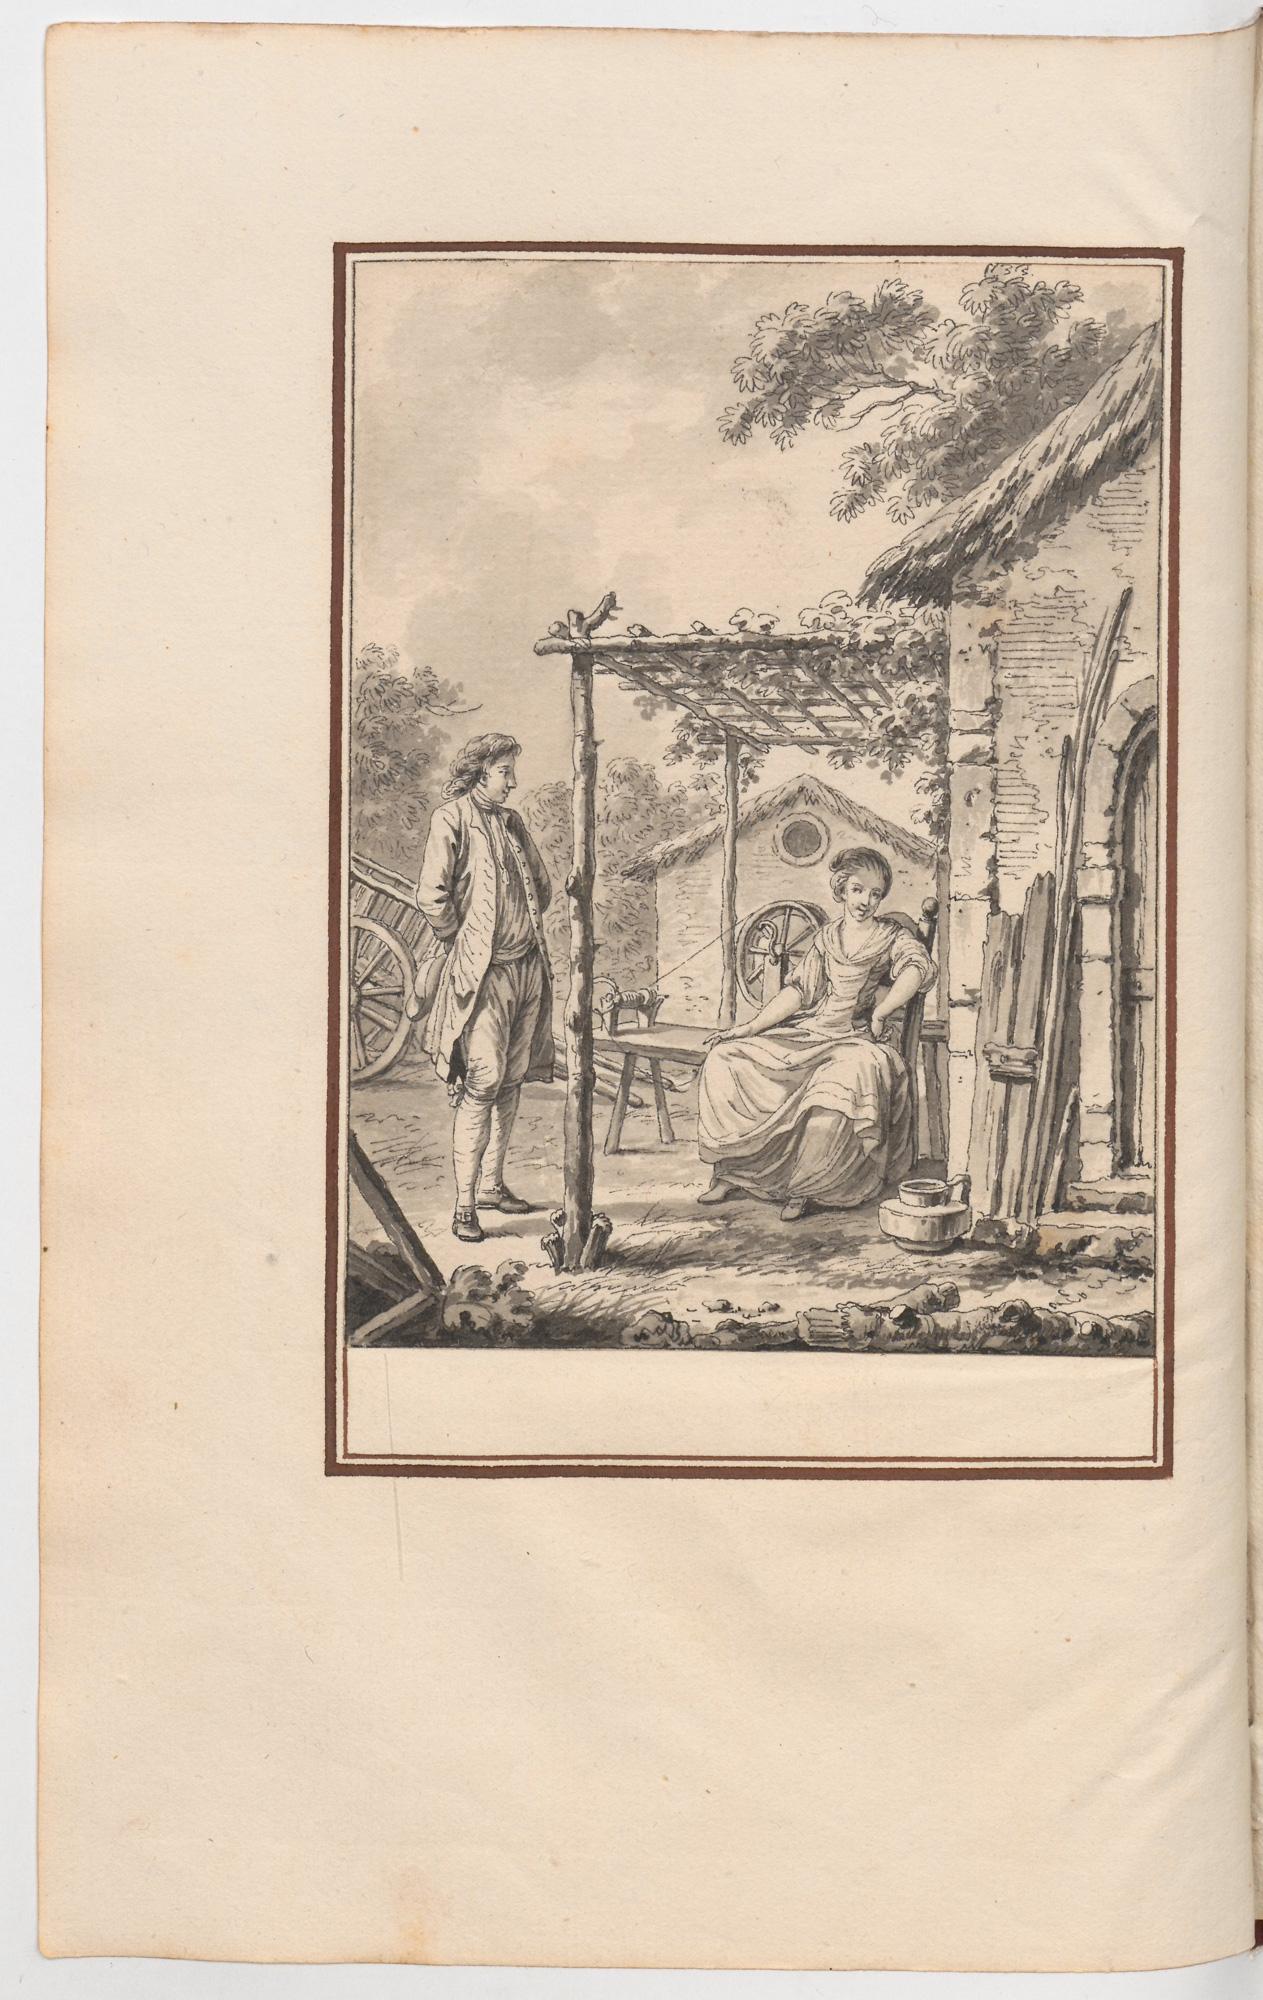 S.4.04 L' heureux maladroit, Chantilly, Image